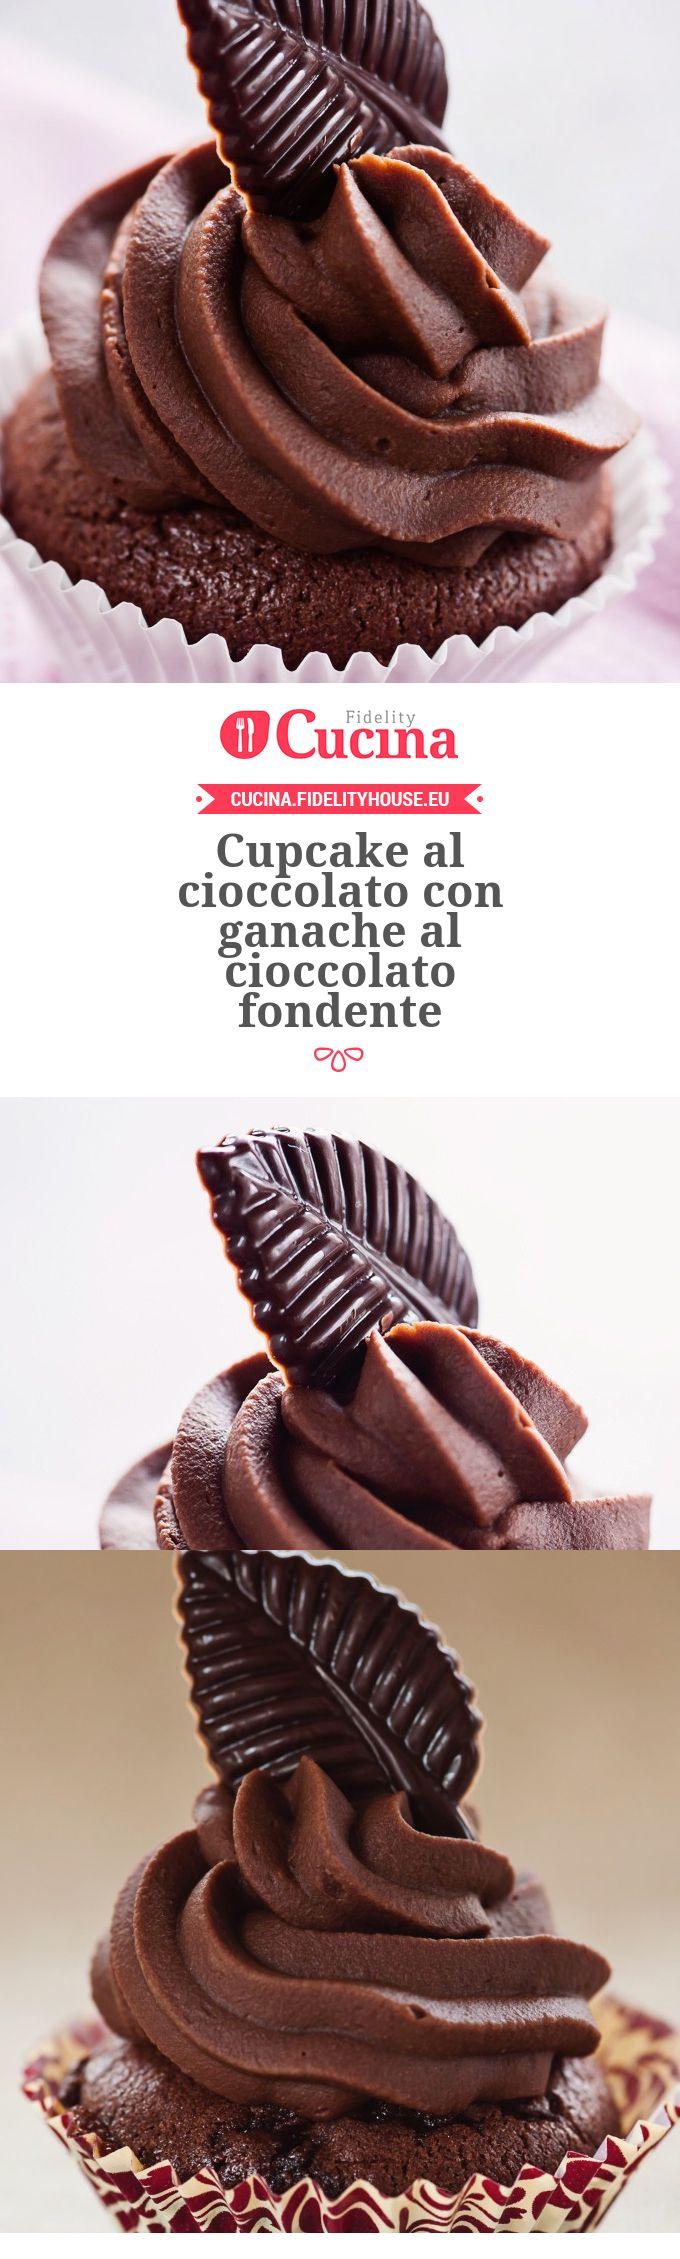 #Cupcake al #cioccolato con ganache al cioccolato fondente